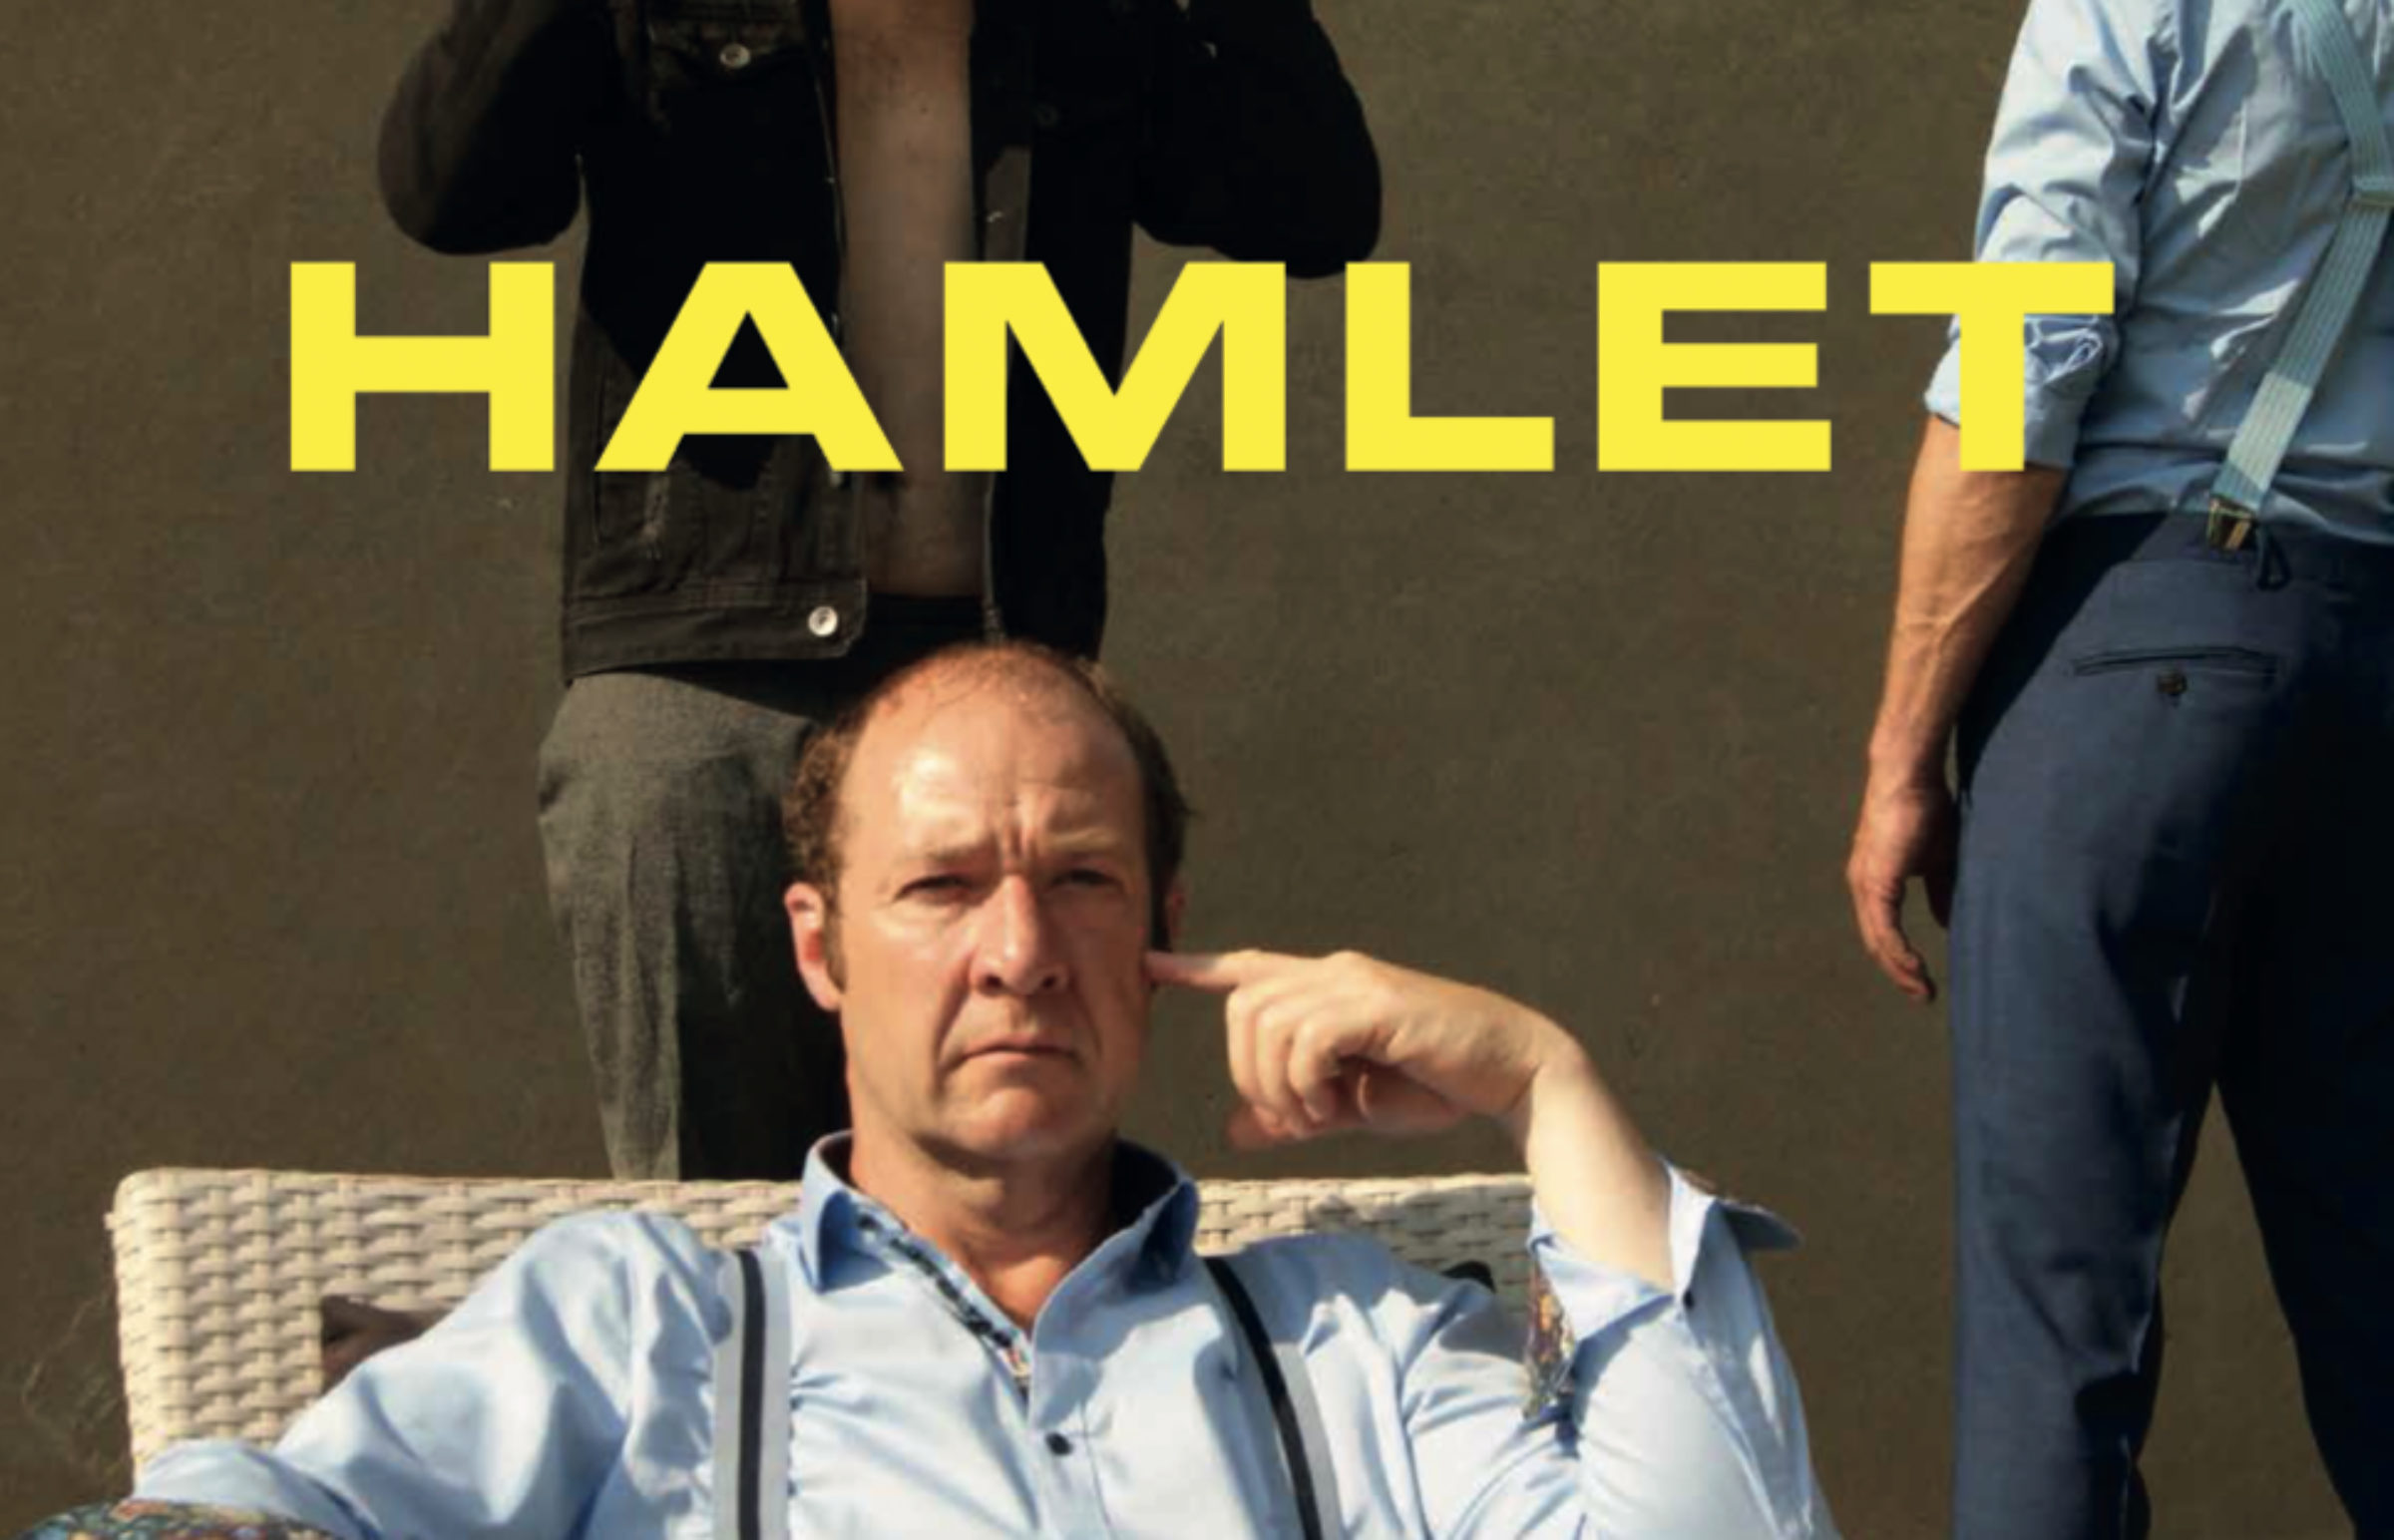 HAMLET via Wilminktheater